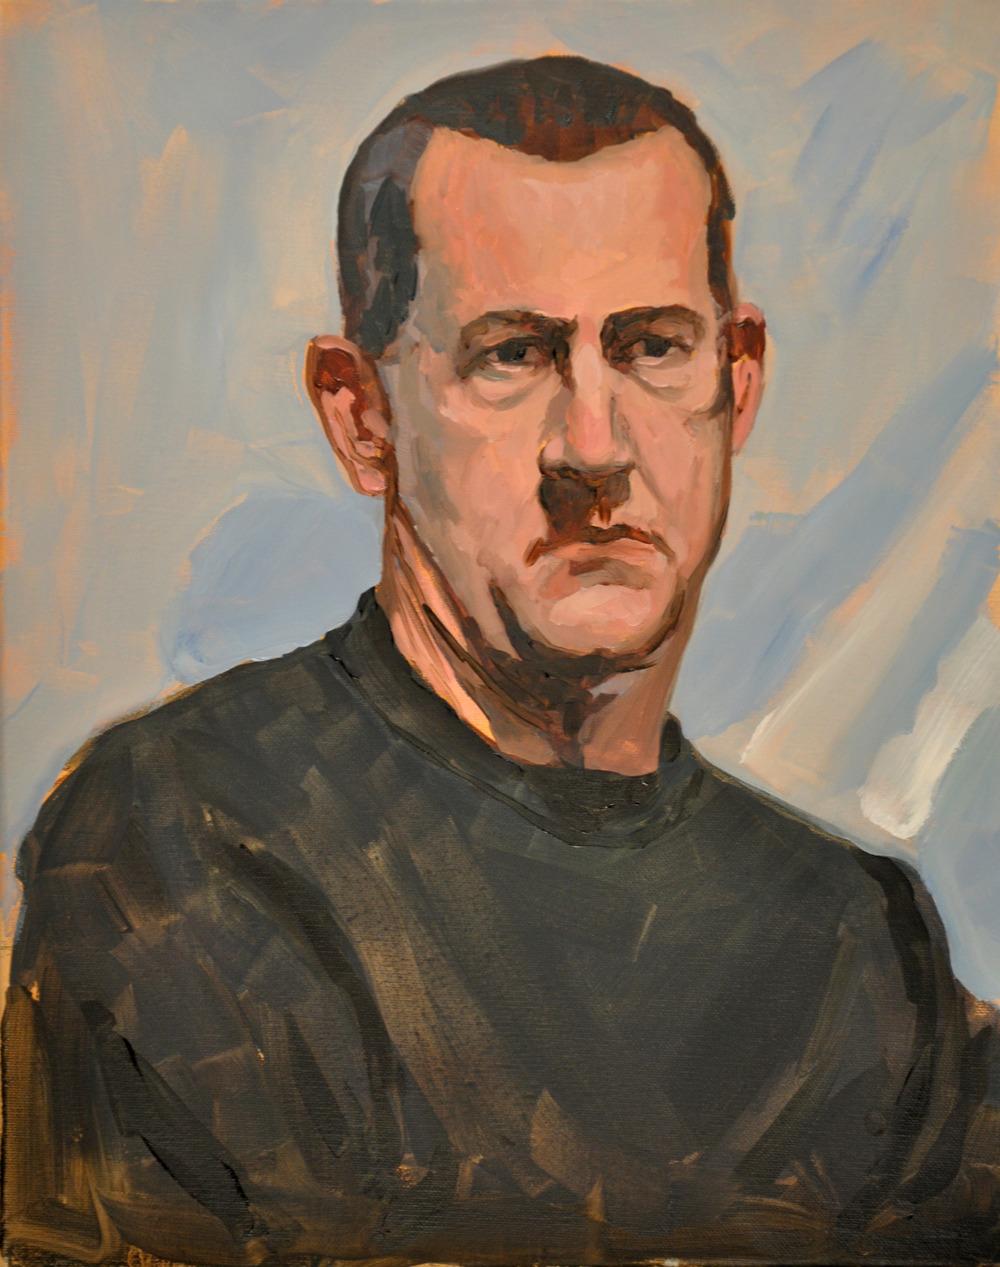 2 hour portrait